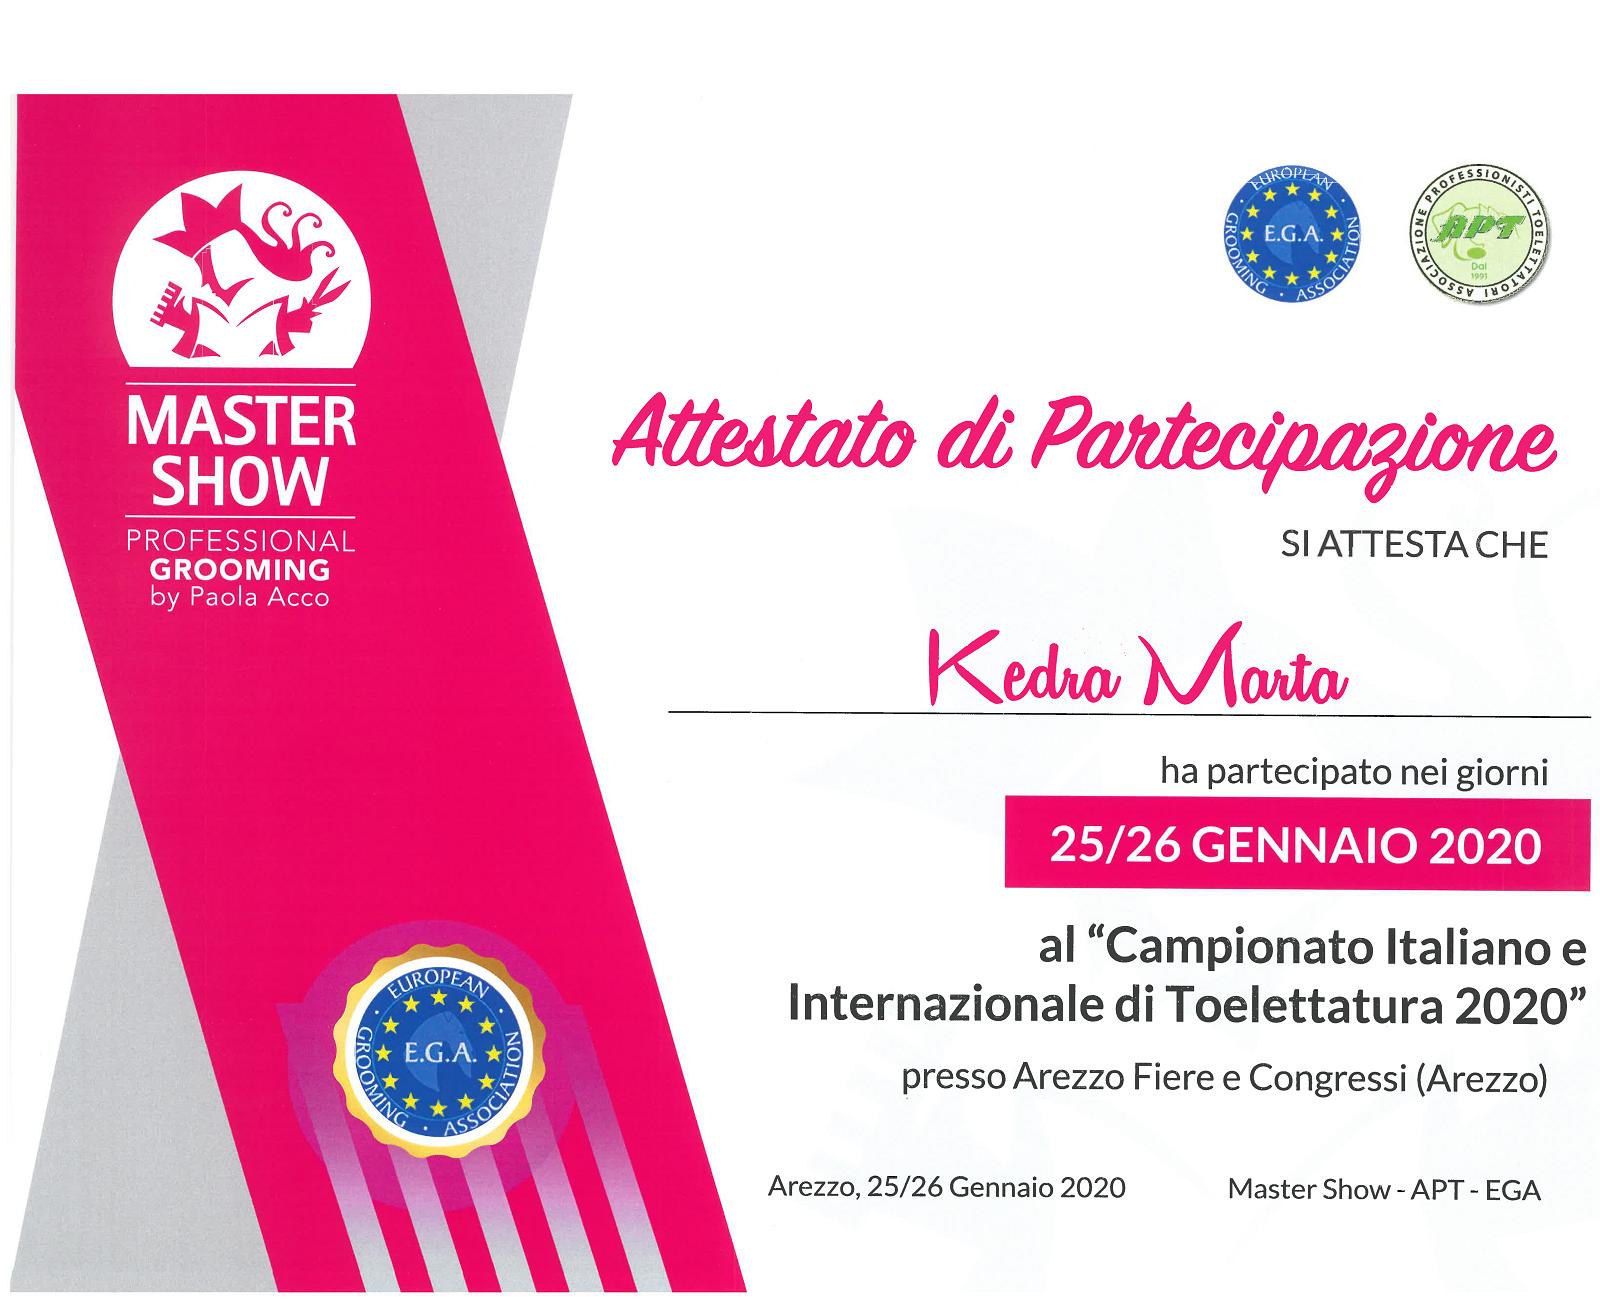 Uczestnictwo w Międzynarodowym Konkursie Master Show 2020 w Arezzo we Włoszech. Start w Klasie Open w Kategorii Pudel Standard oraz z Pudlem Toy w Kategorii Intermediate